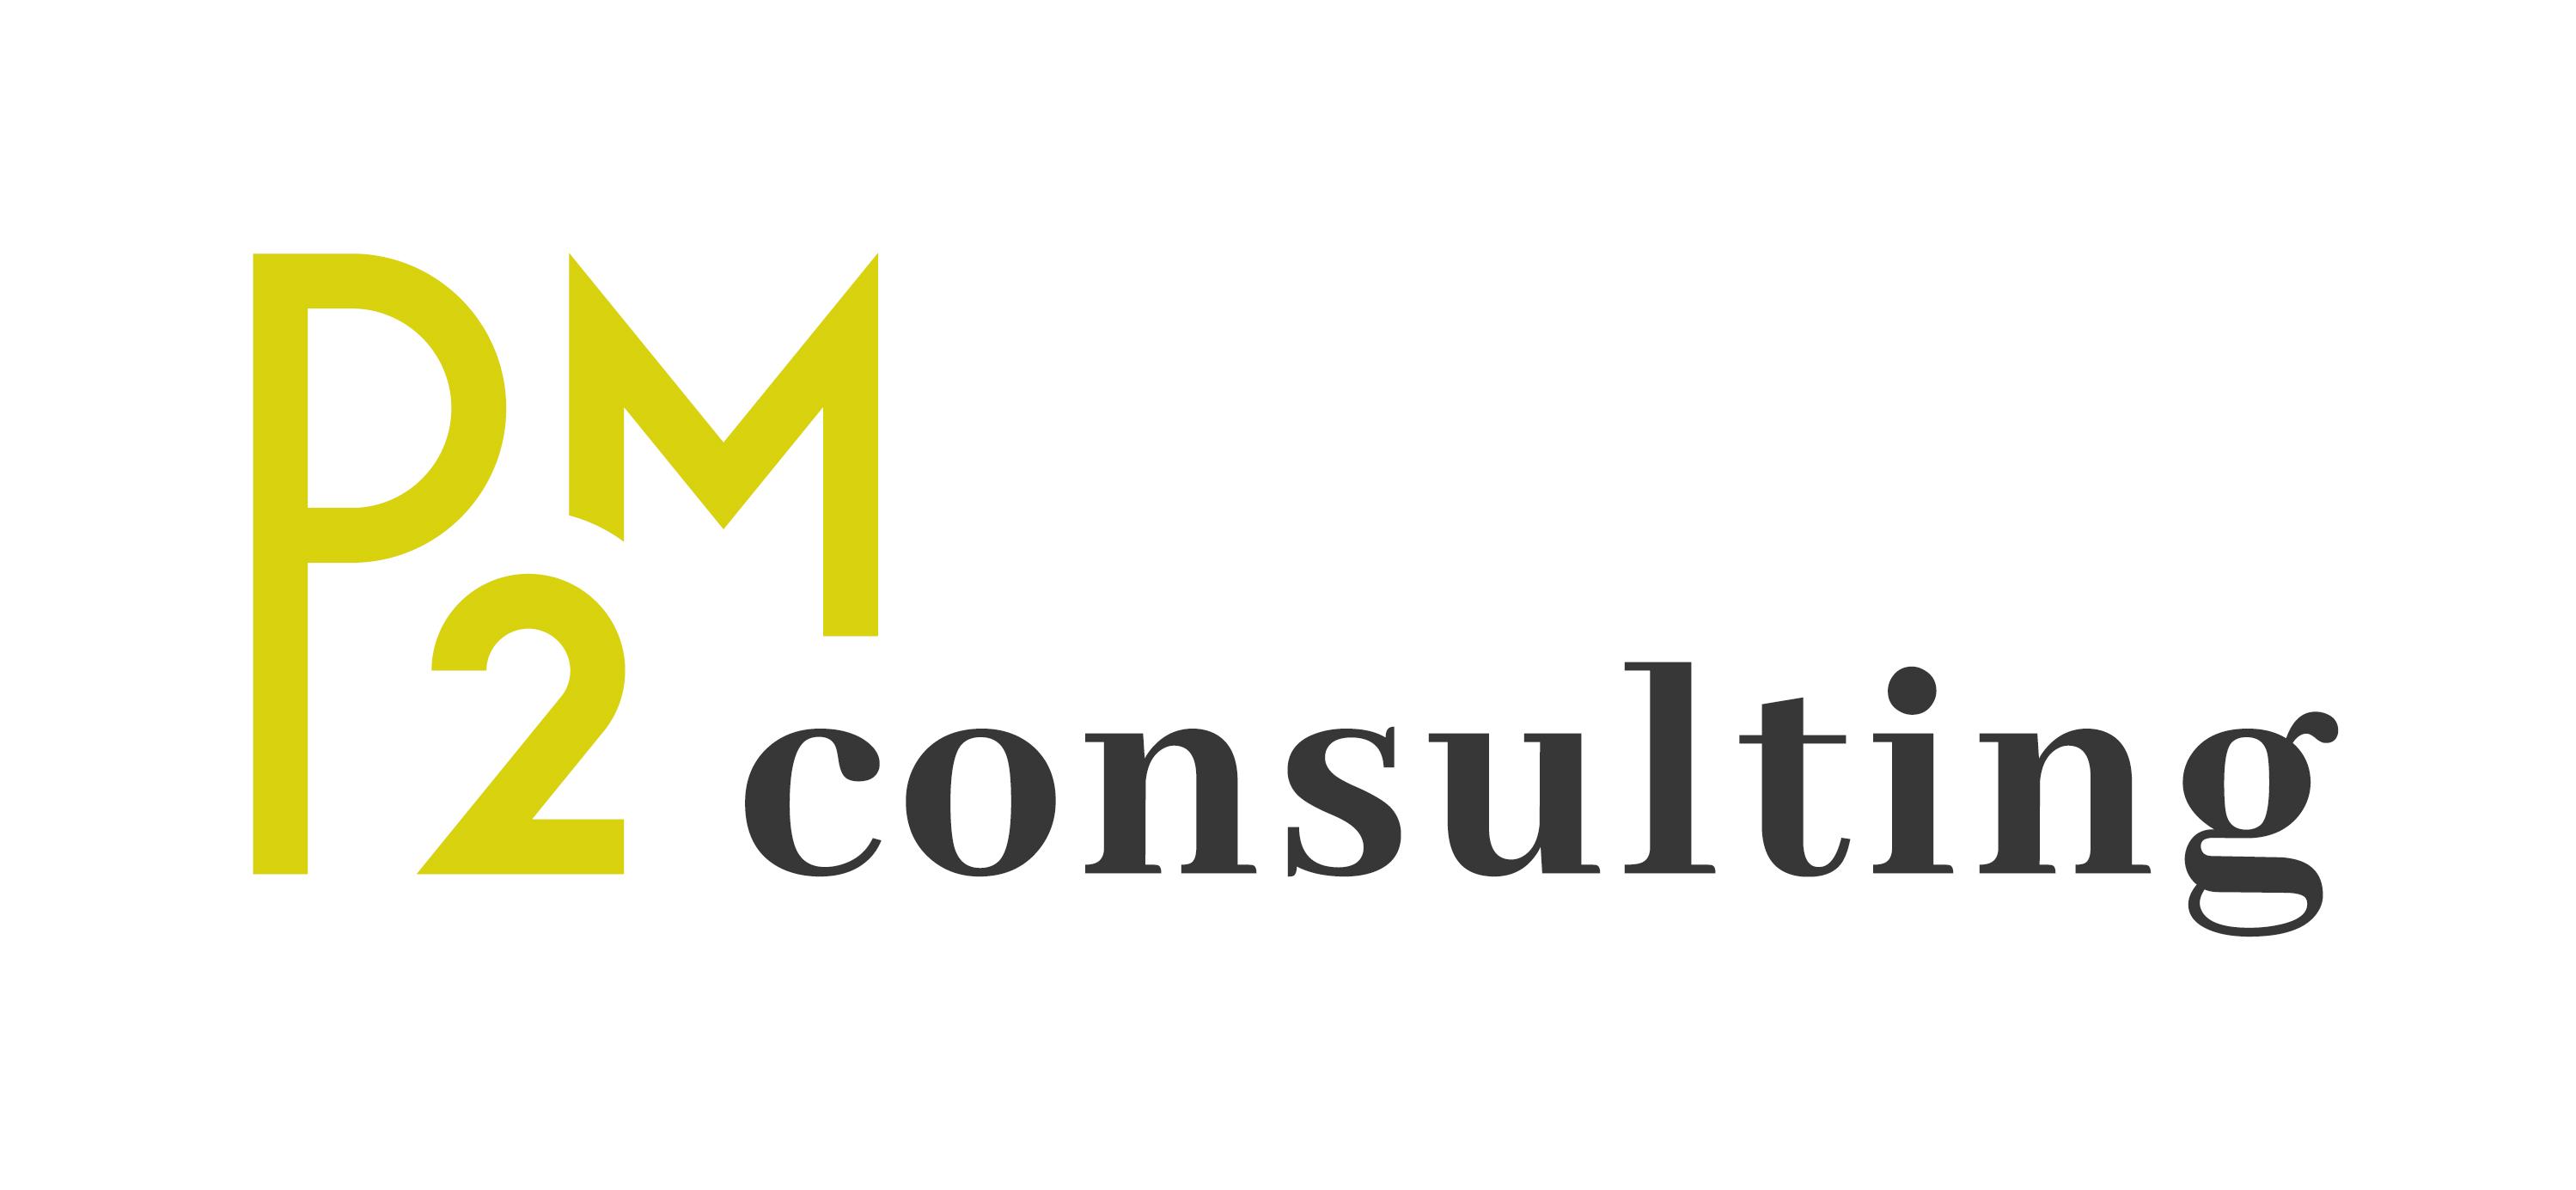 P2M Consulting